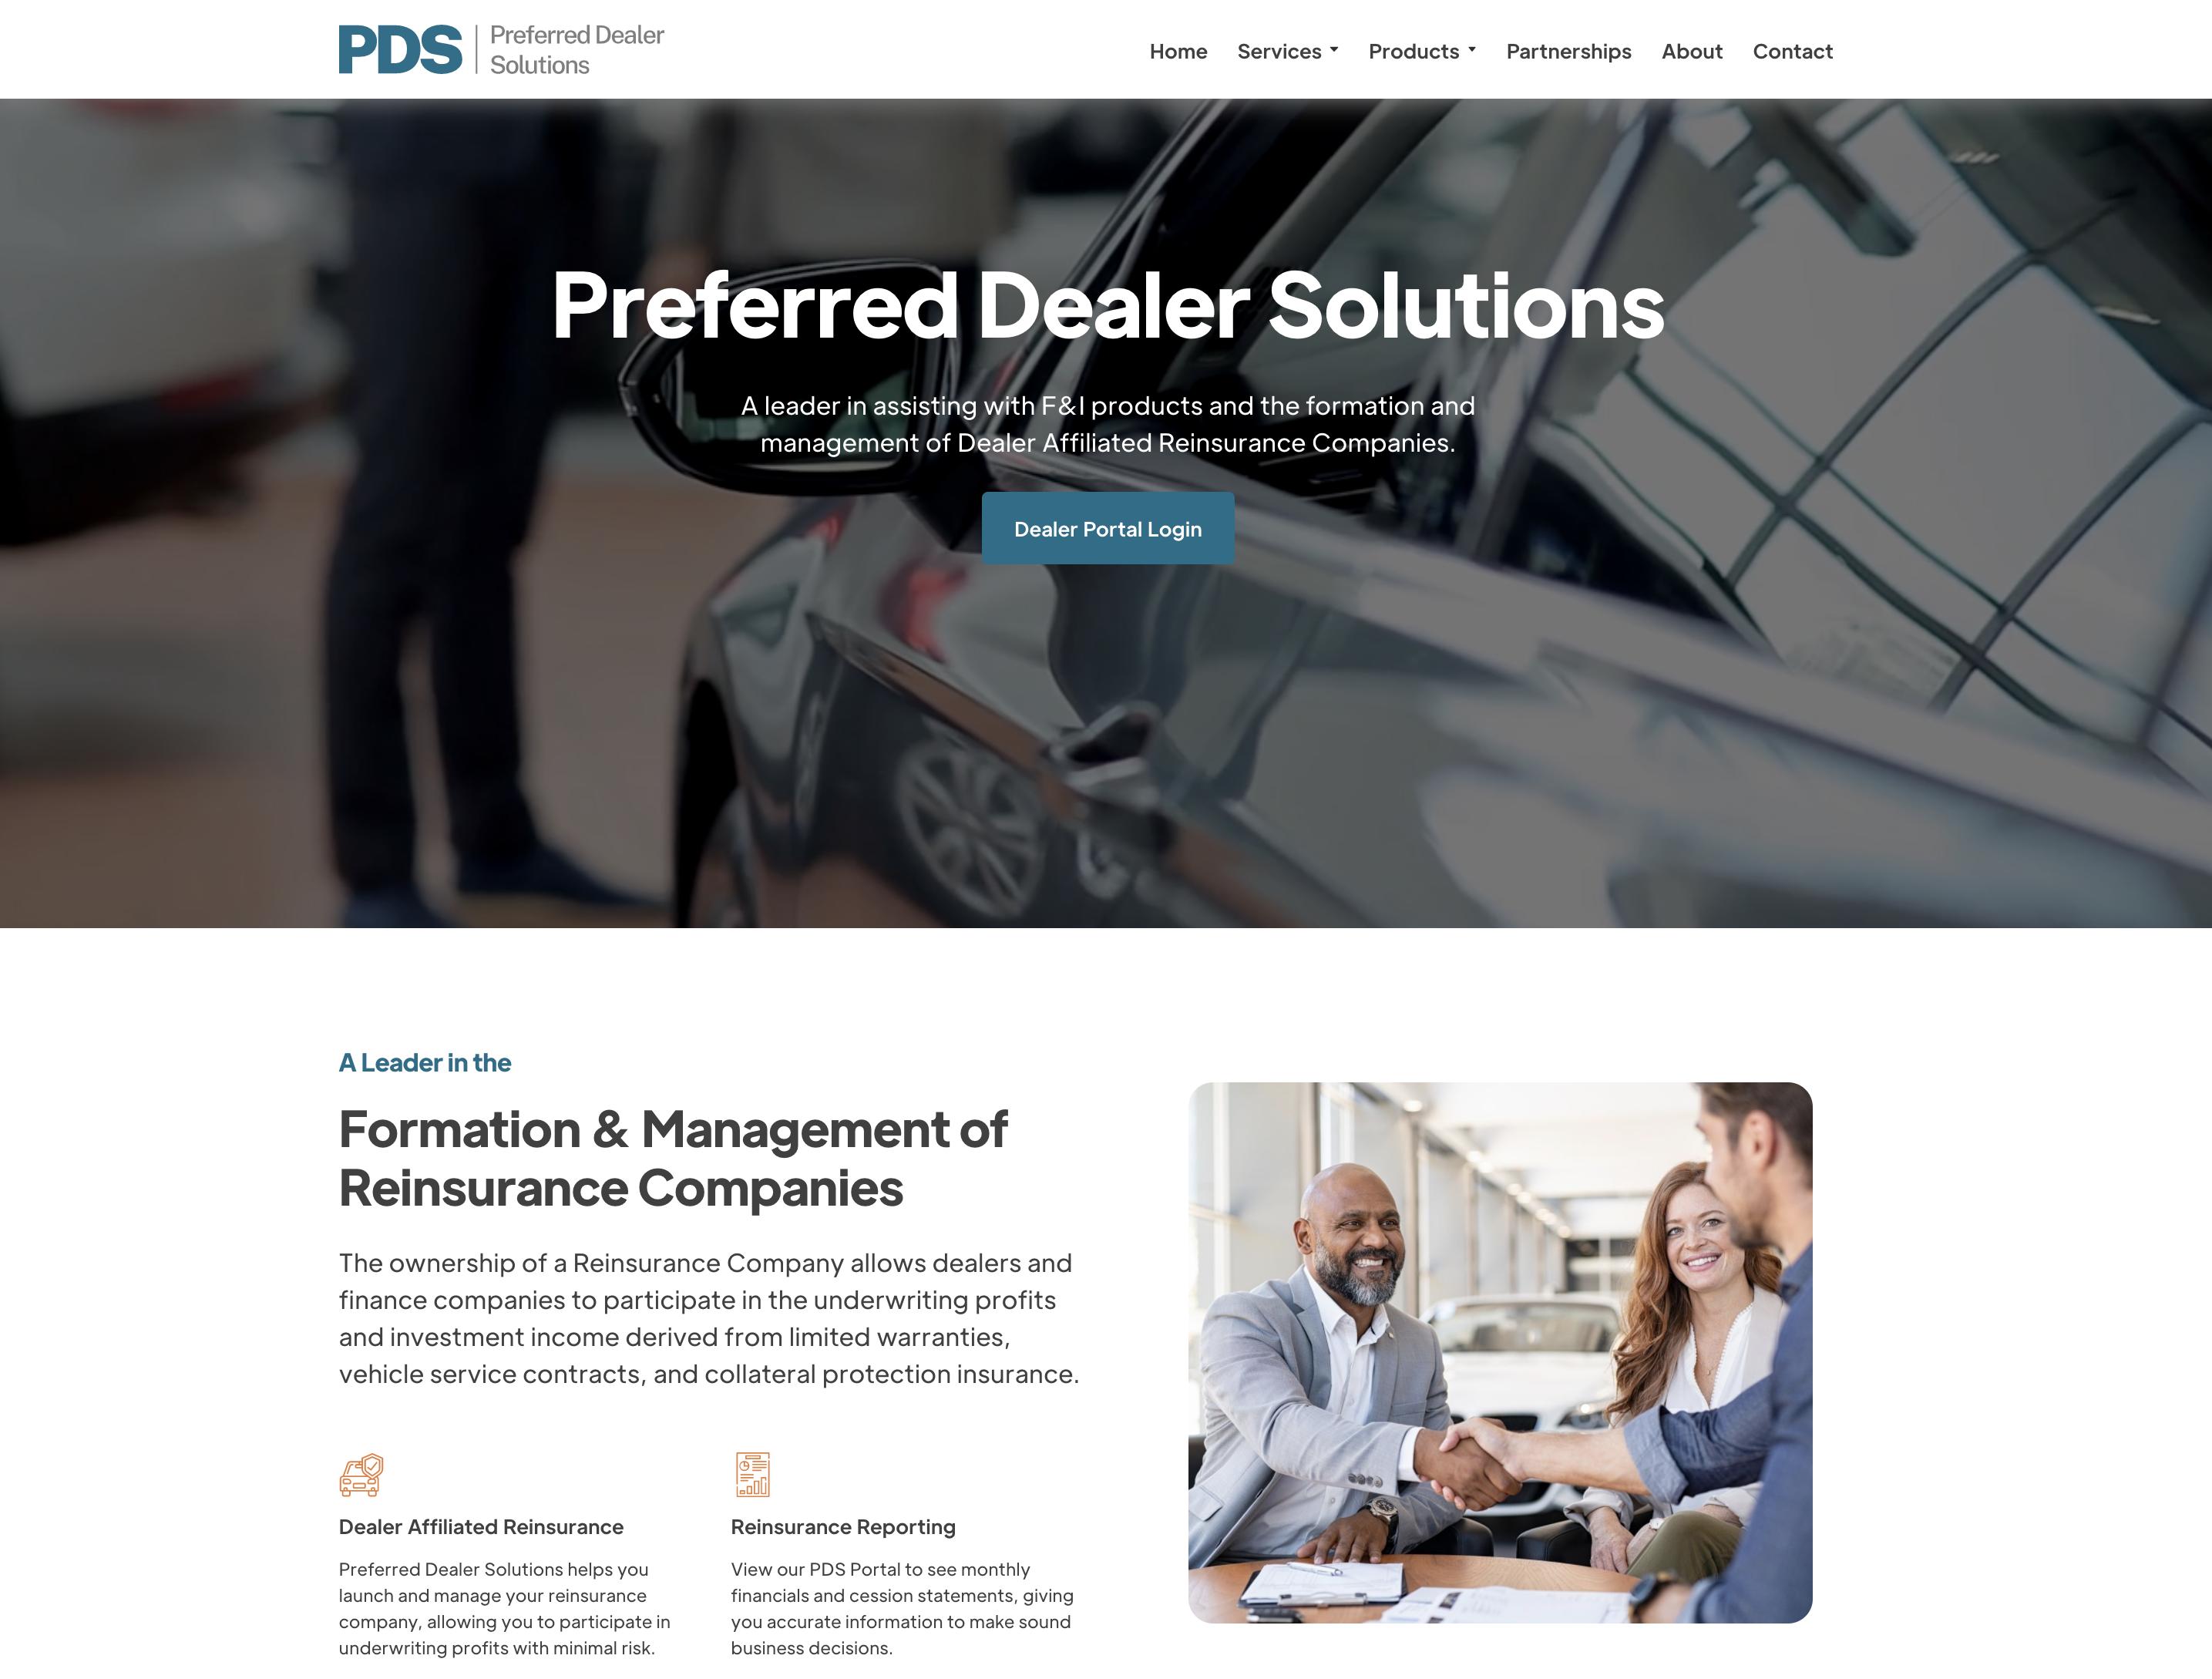 Preferred Dealer Solutions Website Design